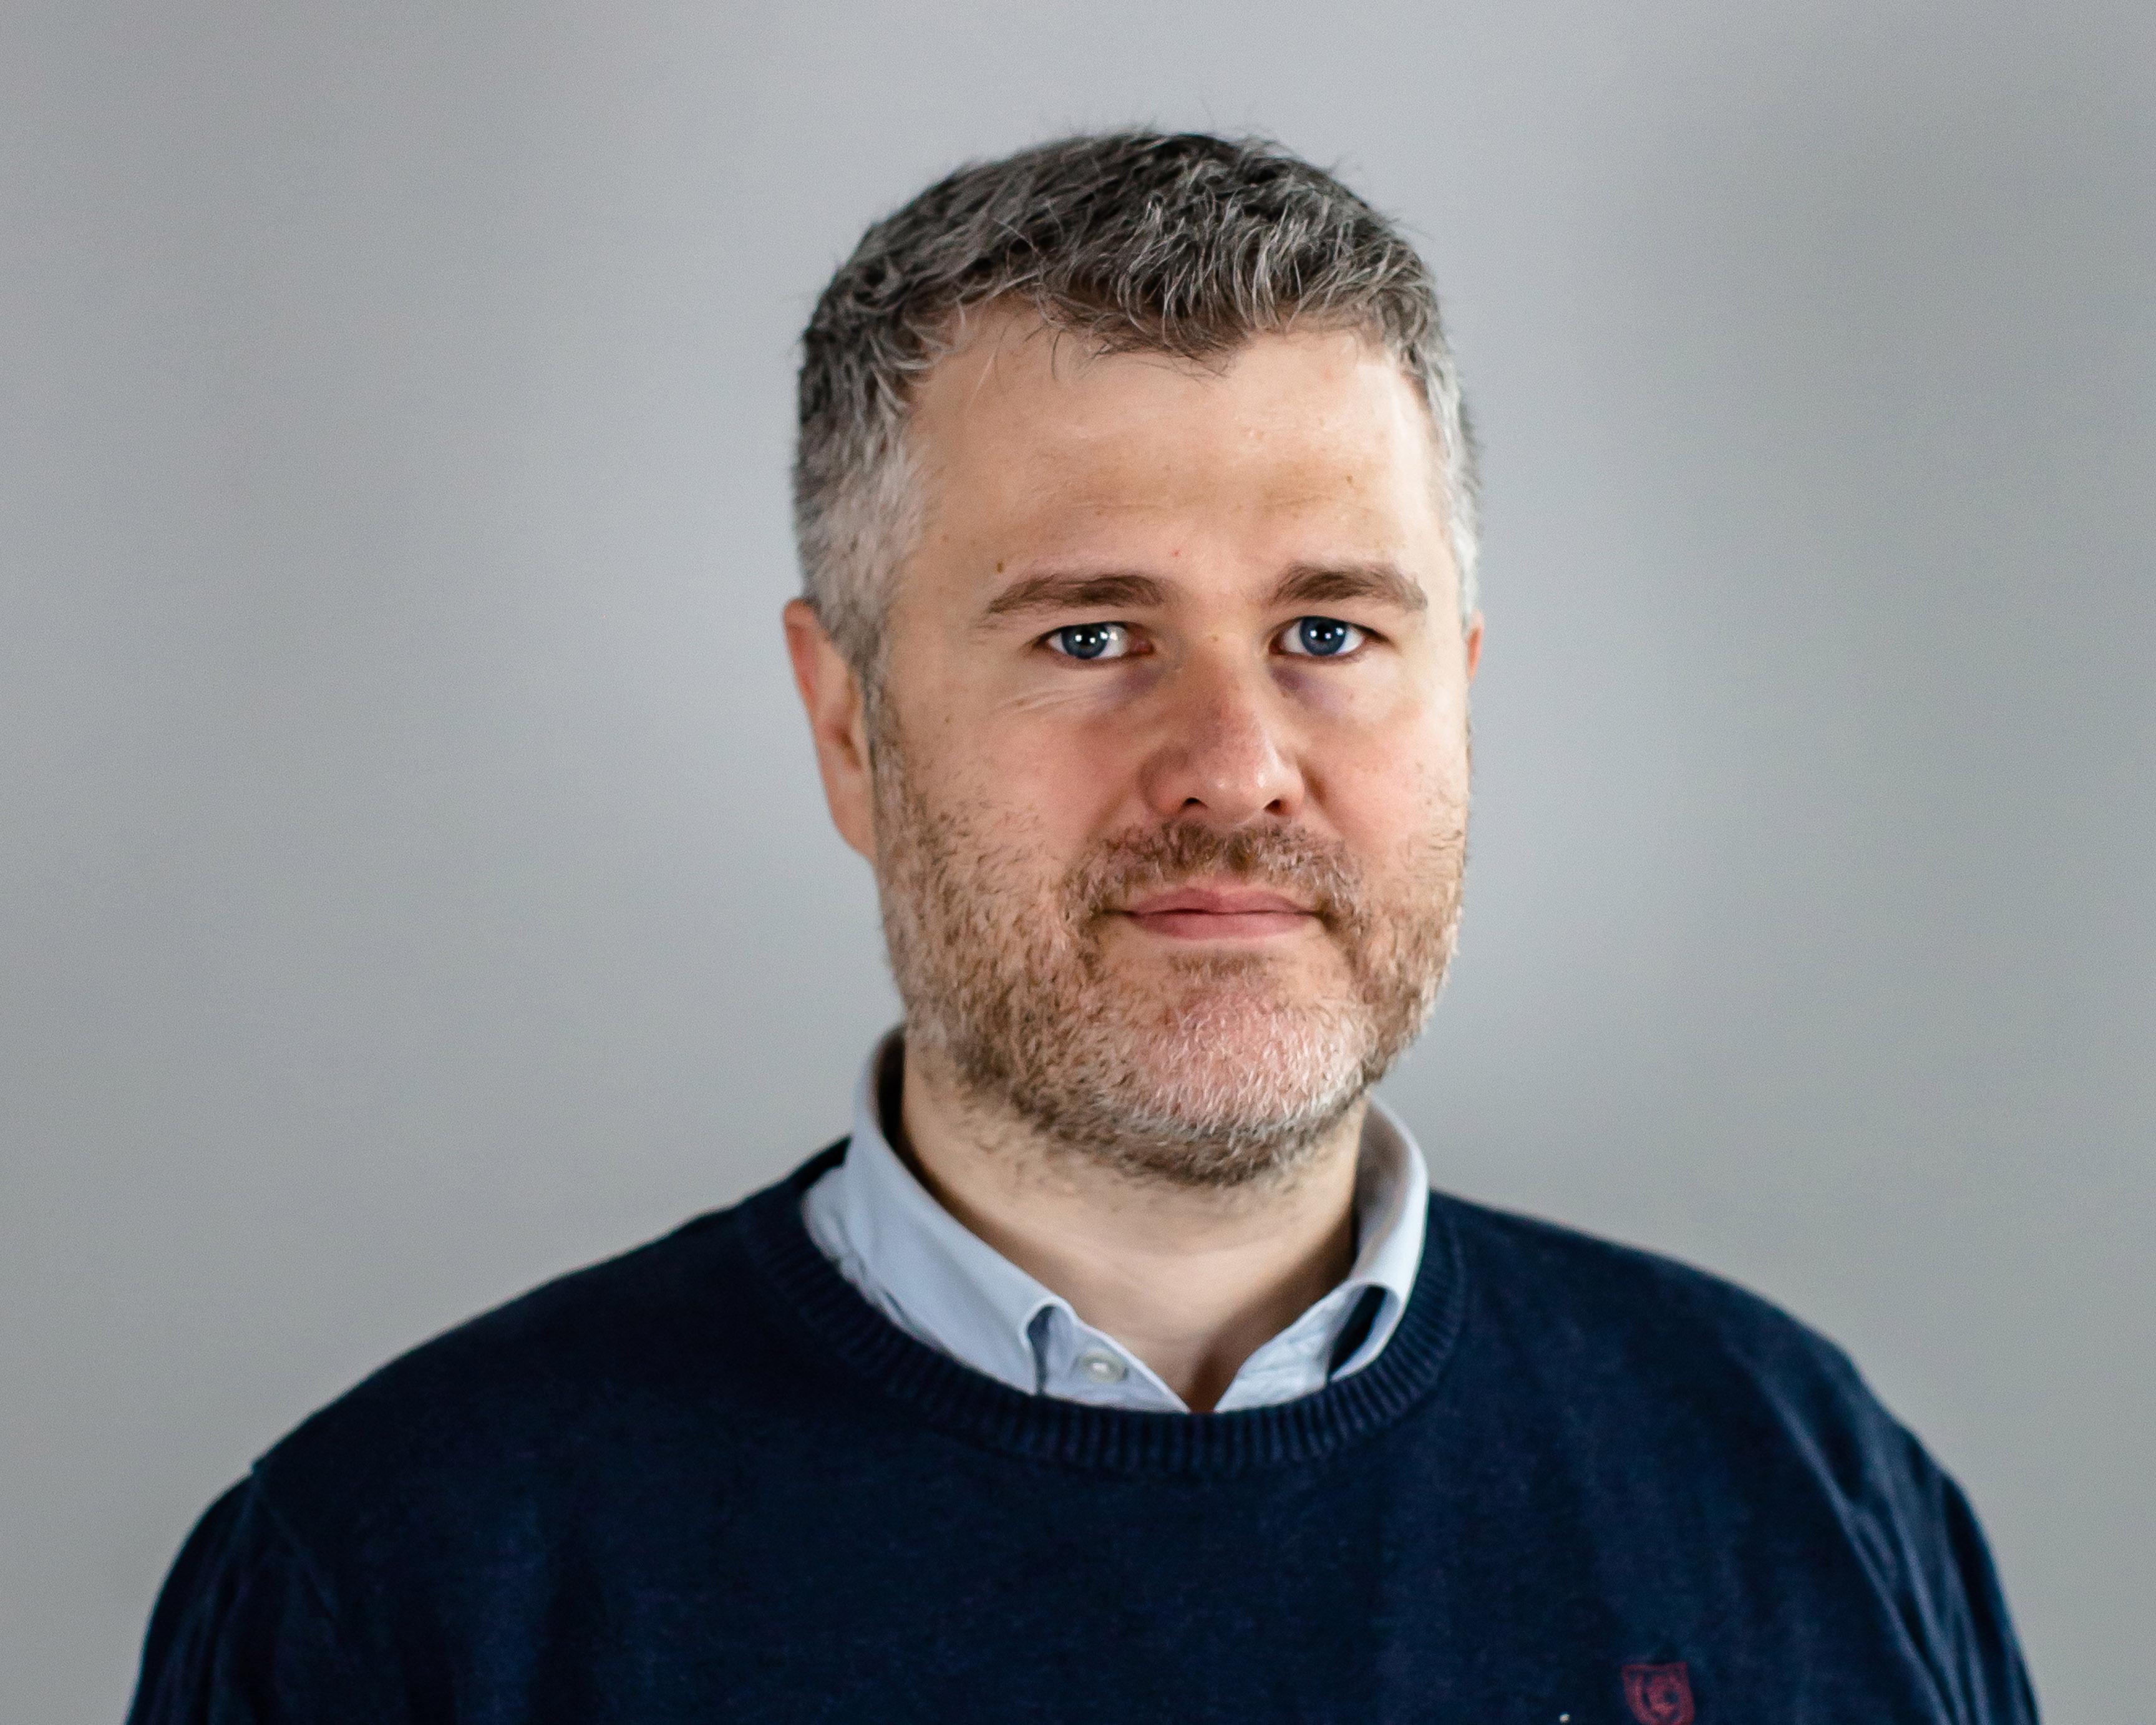 Portrettbilde av Ole Rønneseth, SEO spesialist og digital rådgiver